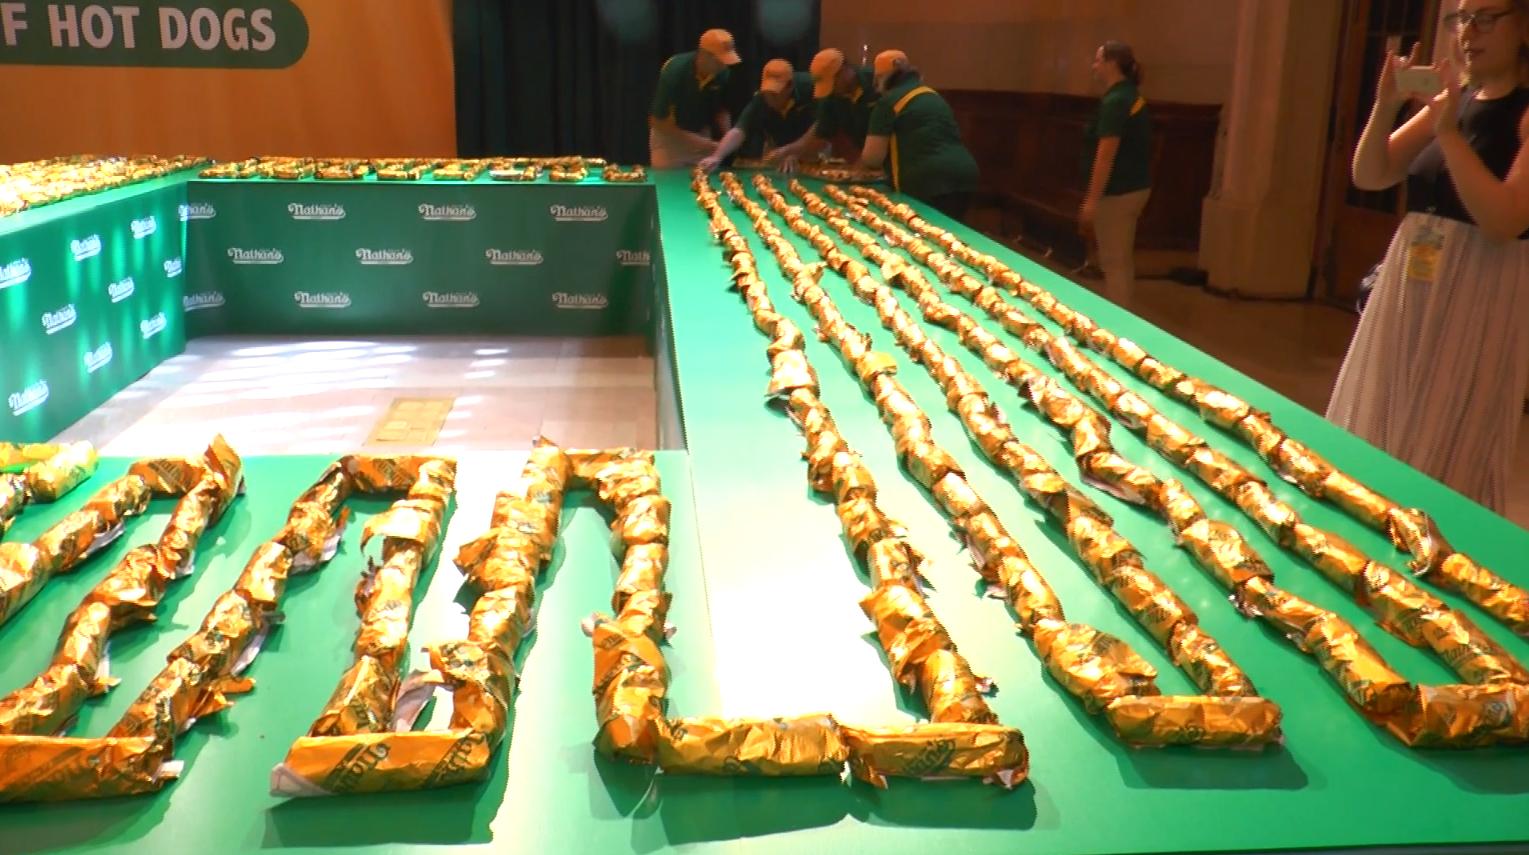 一個個熱狗連著排放起來,成了世界上最長的熱狗串。(韓瑞/大紀元)